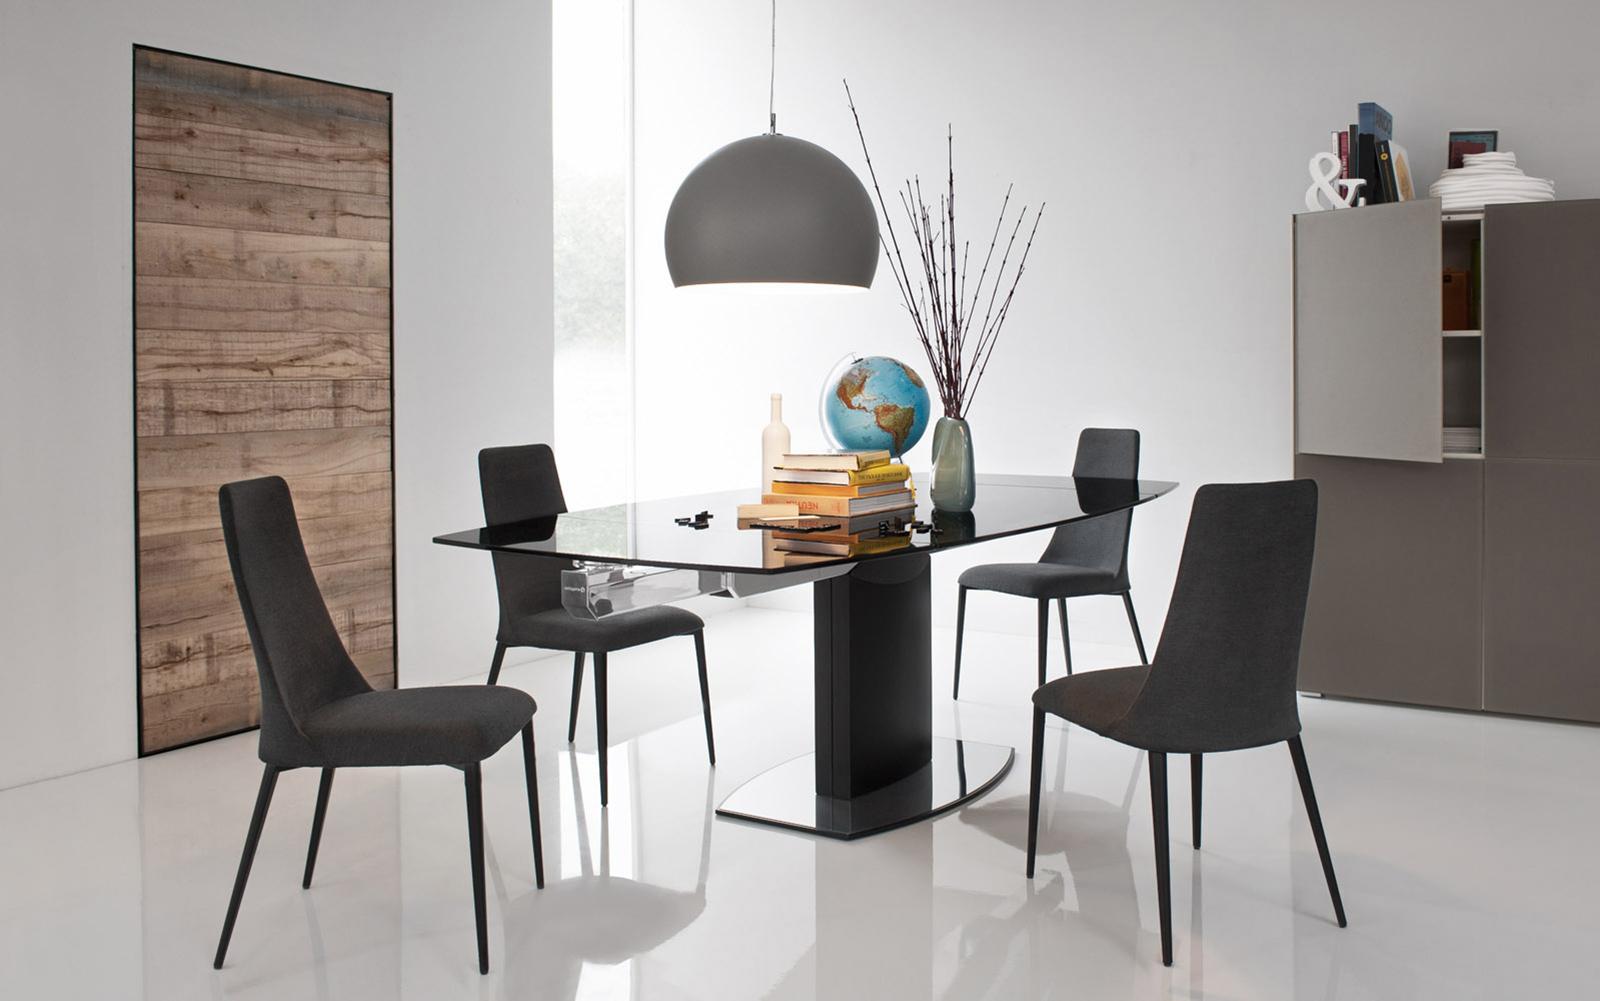 06CALLIGARIS sedie Cucine Lube Roma DFG Arredamenti